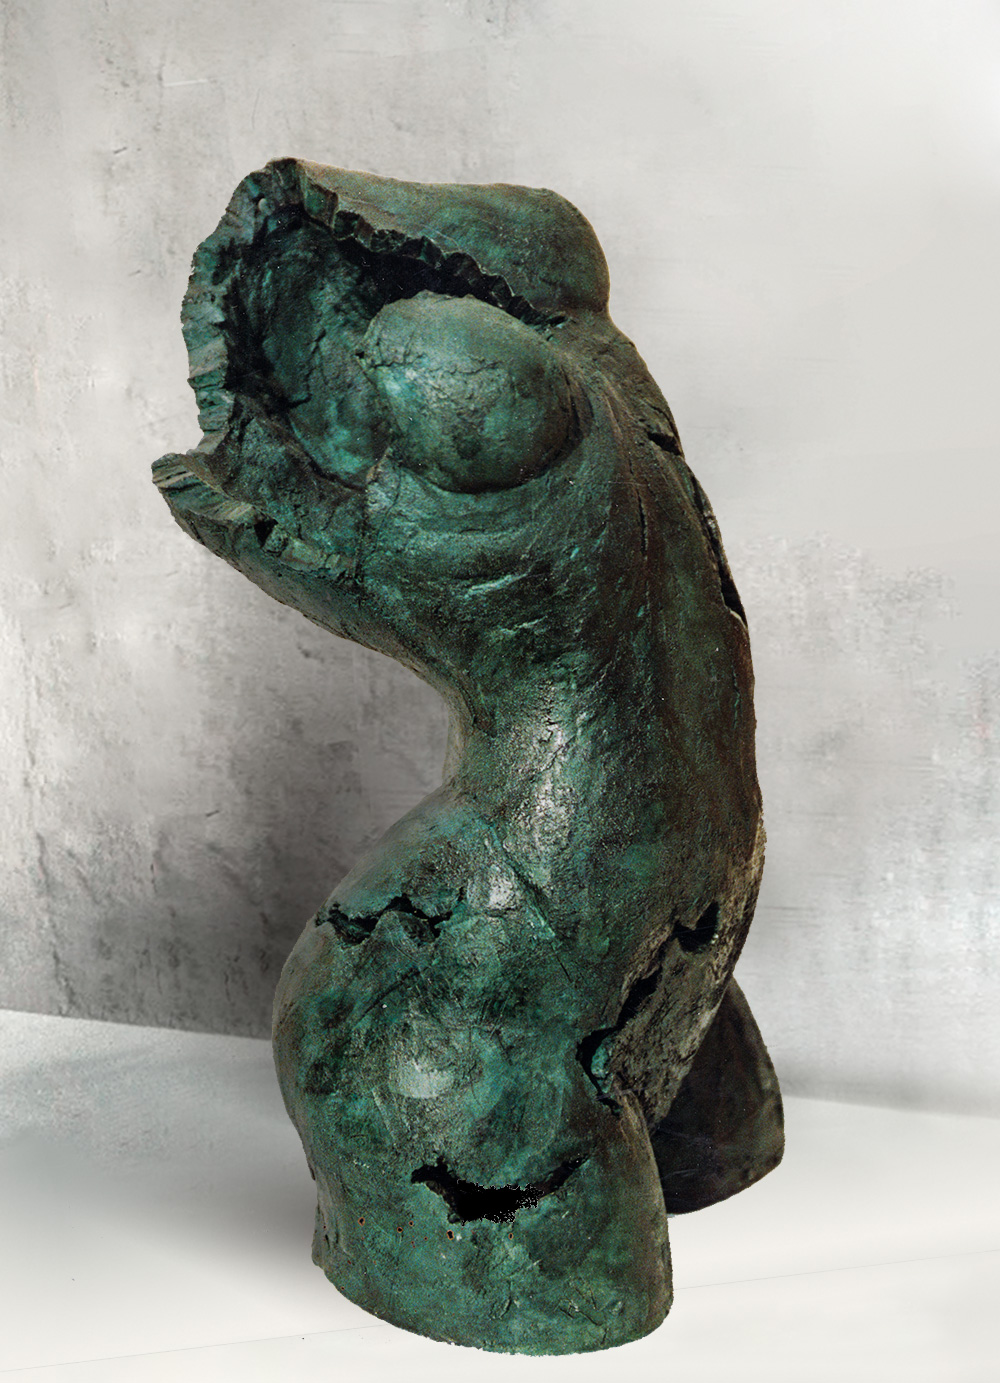 Escultura-Torso-Femenino-Oxido-Verde-A-C.Danone-RD.Escultor